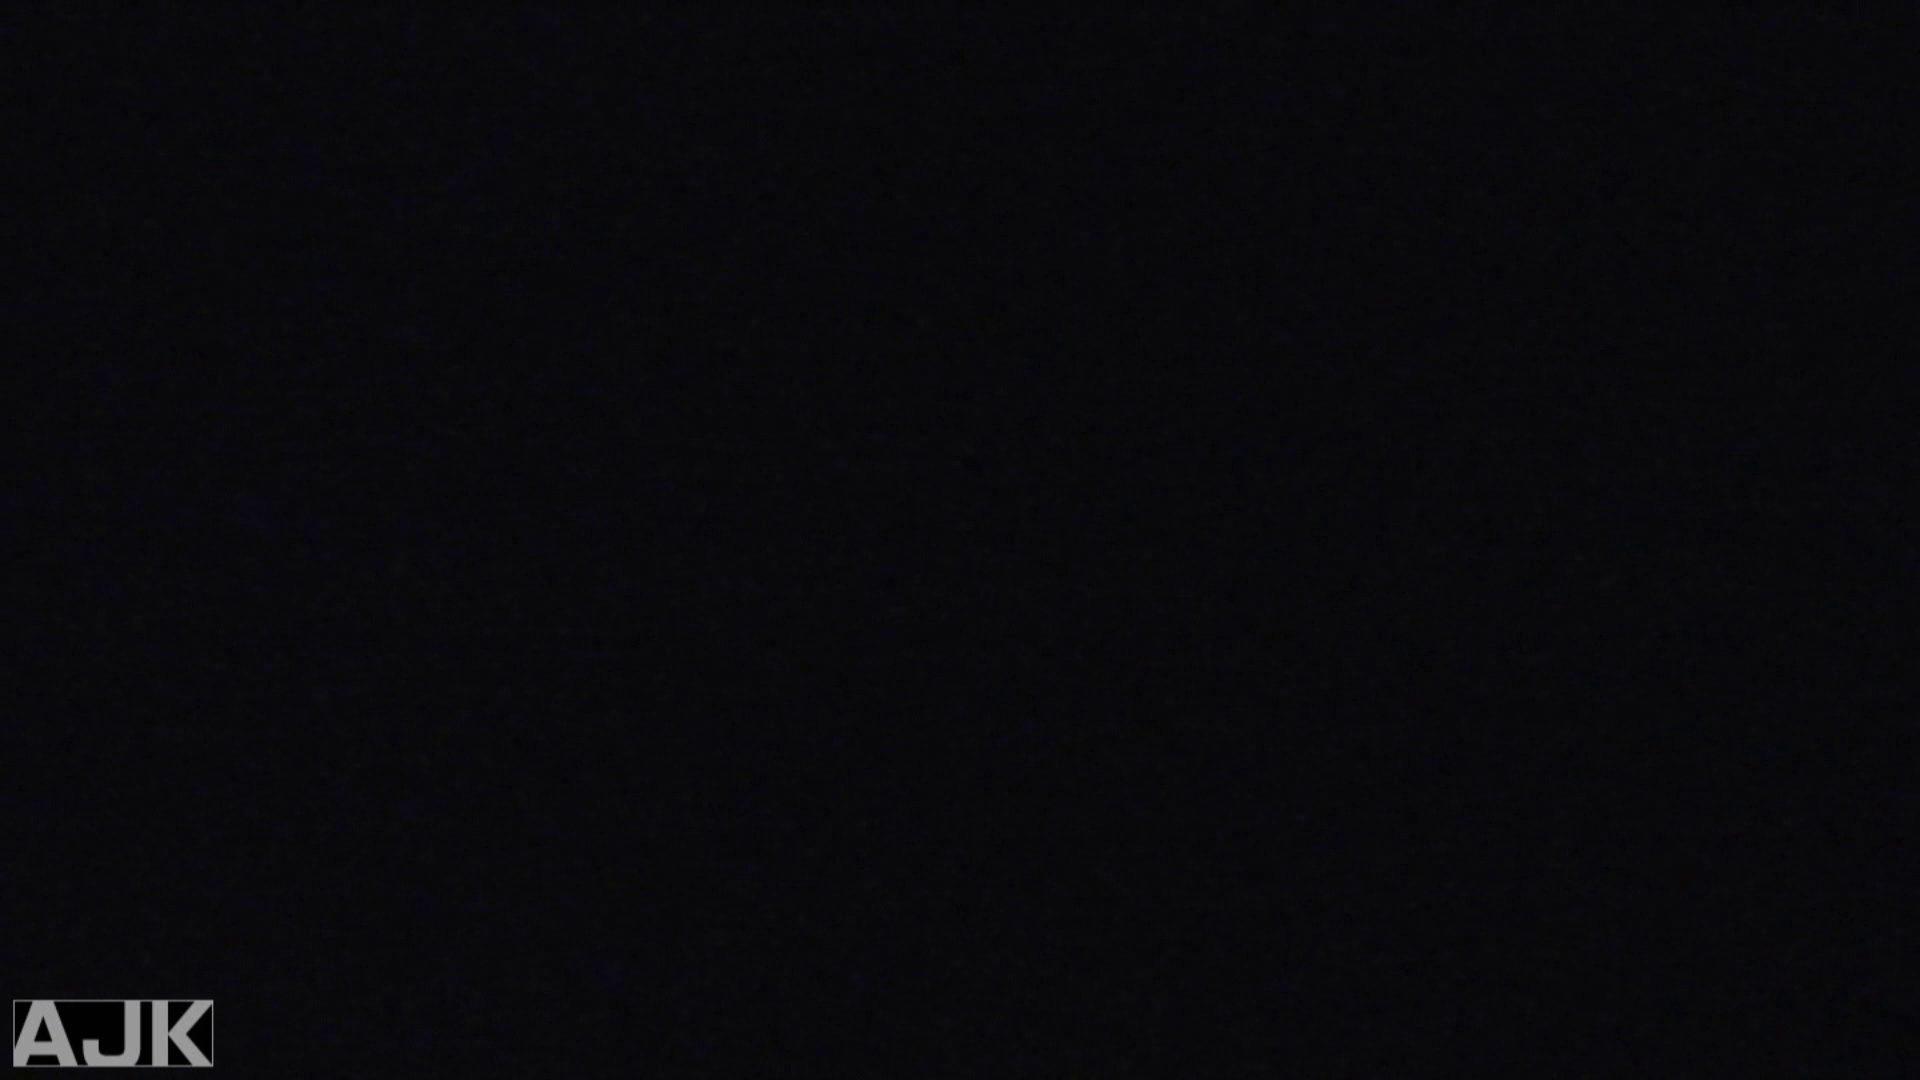 隣国上階級エリアの令嬢たちが集うデパートお手洗い Vol.23 オマンコ大好き 性交動画流出 97画像 16